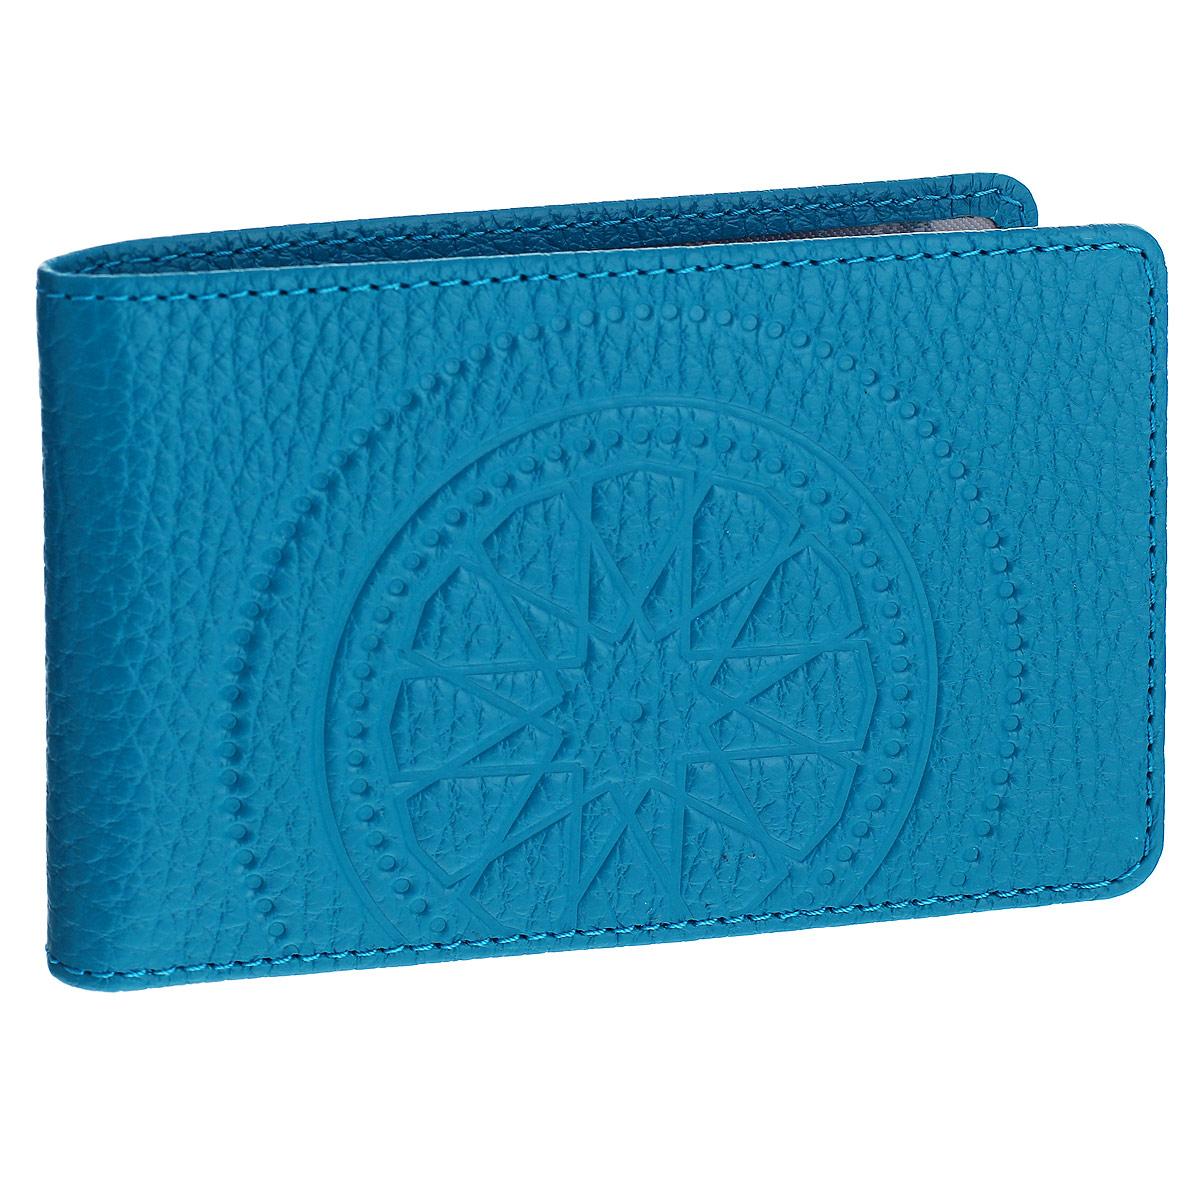 Визитница горизонтальная Askent Talisman, цвет: голубой. V.72.SNV.72.SN. голубойКомпактная горизонтальная визитница Askent Talisman - стильная вещь для хранения визиток. Обложка визитницы выполнена из натуральной кожи с зернистой фактурой и оформлена декоративным тиснением. На внутреннем развороте 2 пластиковых кармашка. Внутренний блок состоит из 20 прозрачных кармашков, рассчитанных на 40 визитных или 20 кредитных карт.